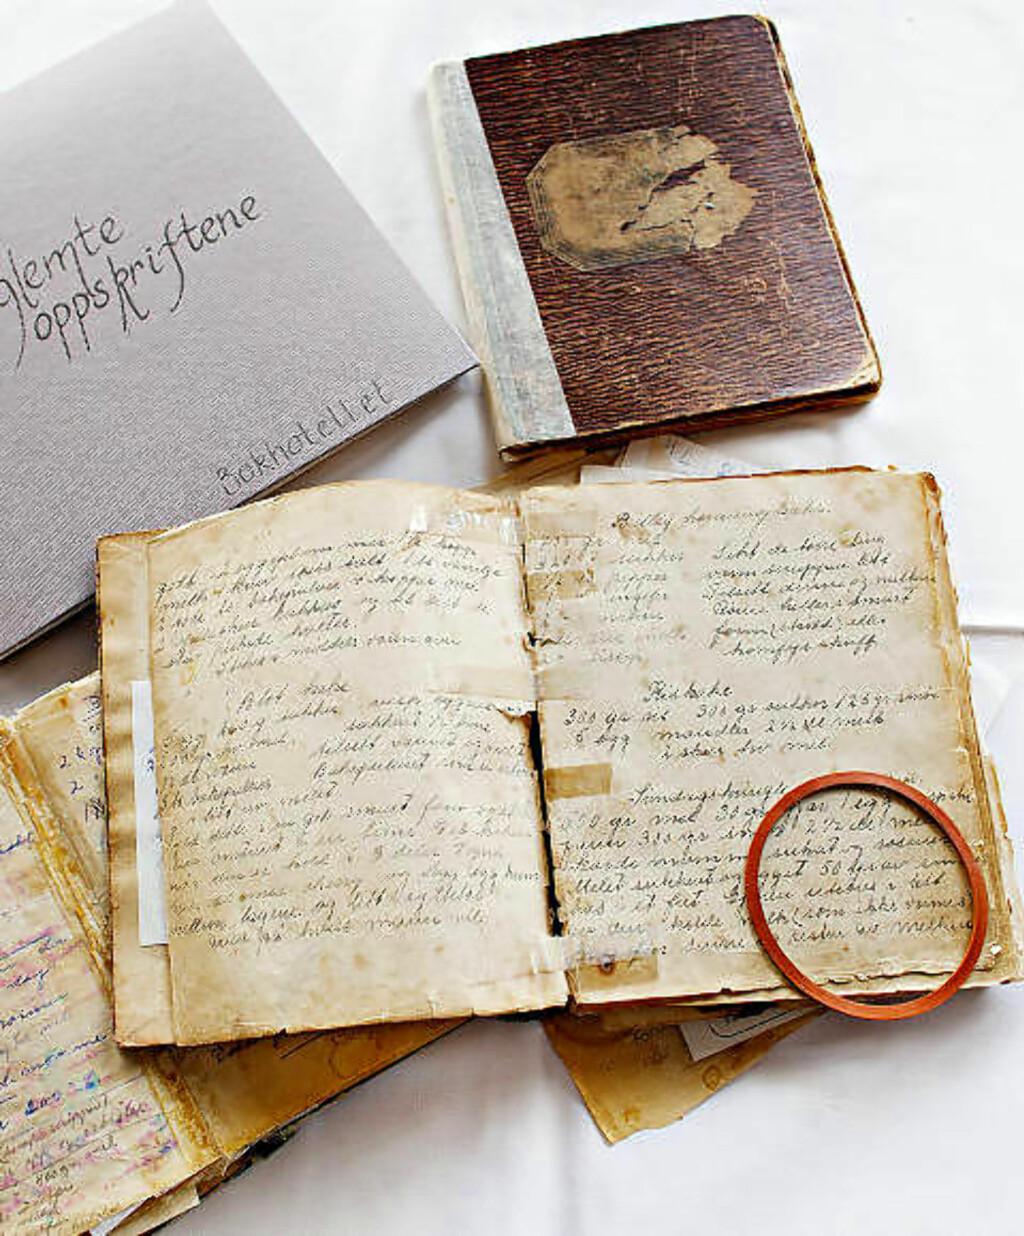 OPPSKRIFTER: Bestemødres sirlige håndskrift på gulnede sider får nytt liv i Skjærgårdssmaks regi.